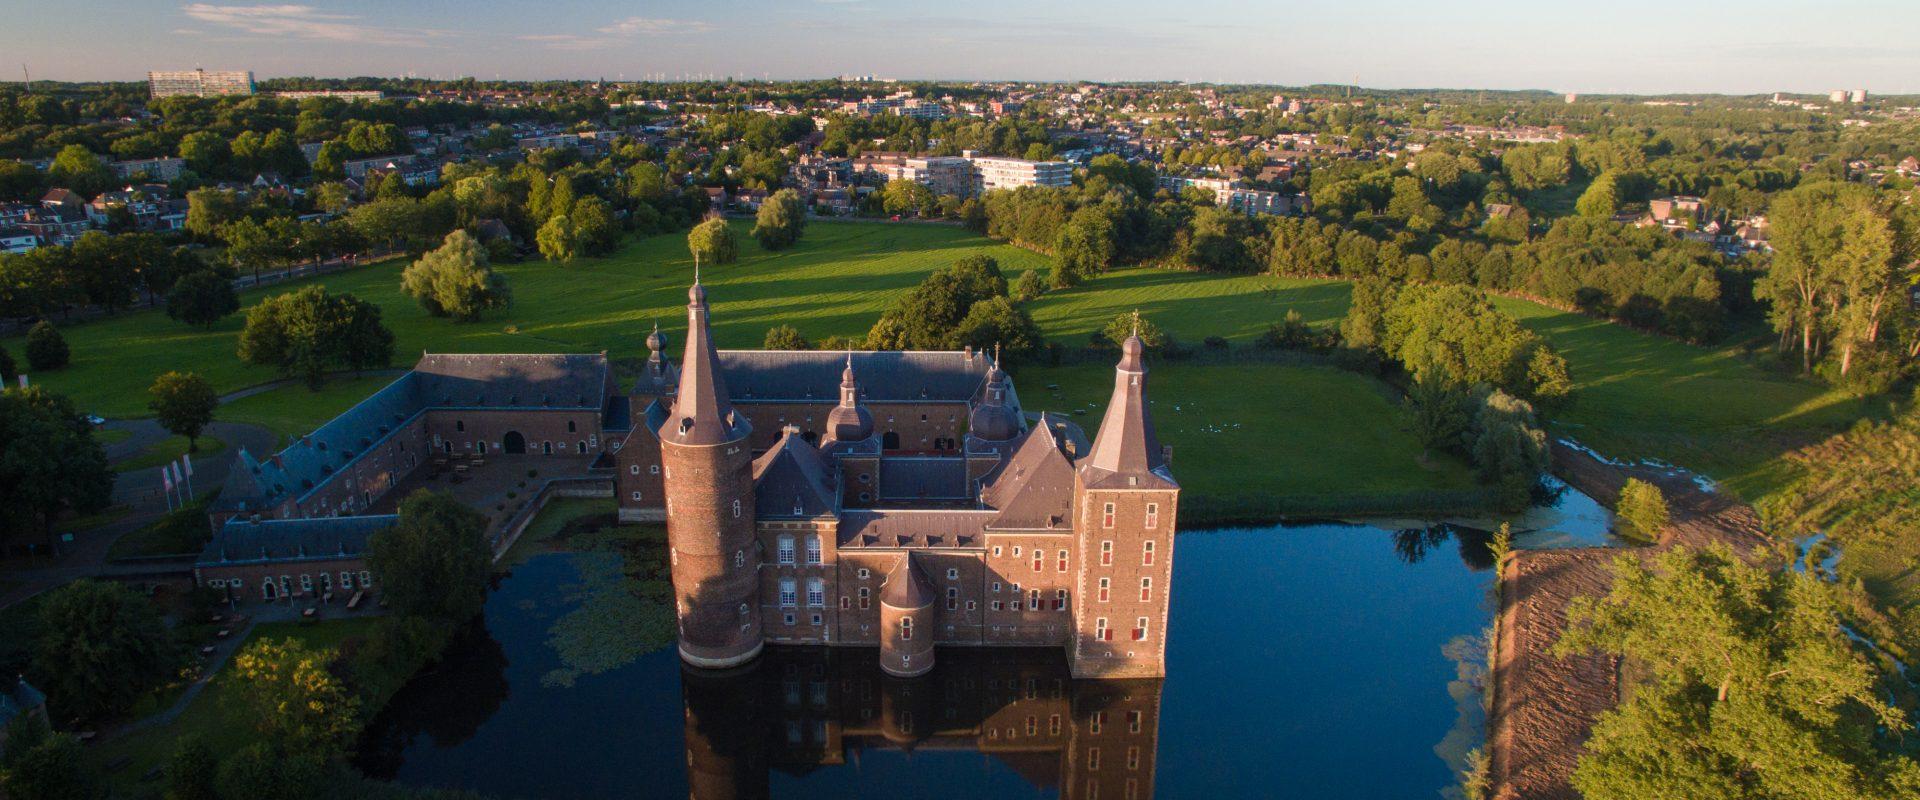 homepage kasteel hoensbroek